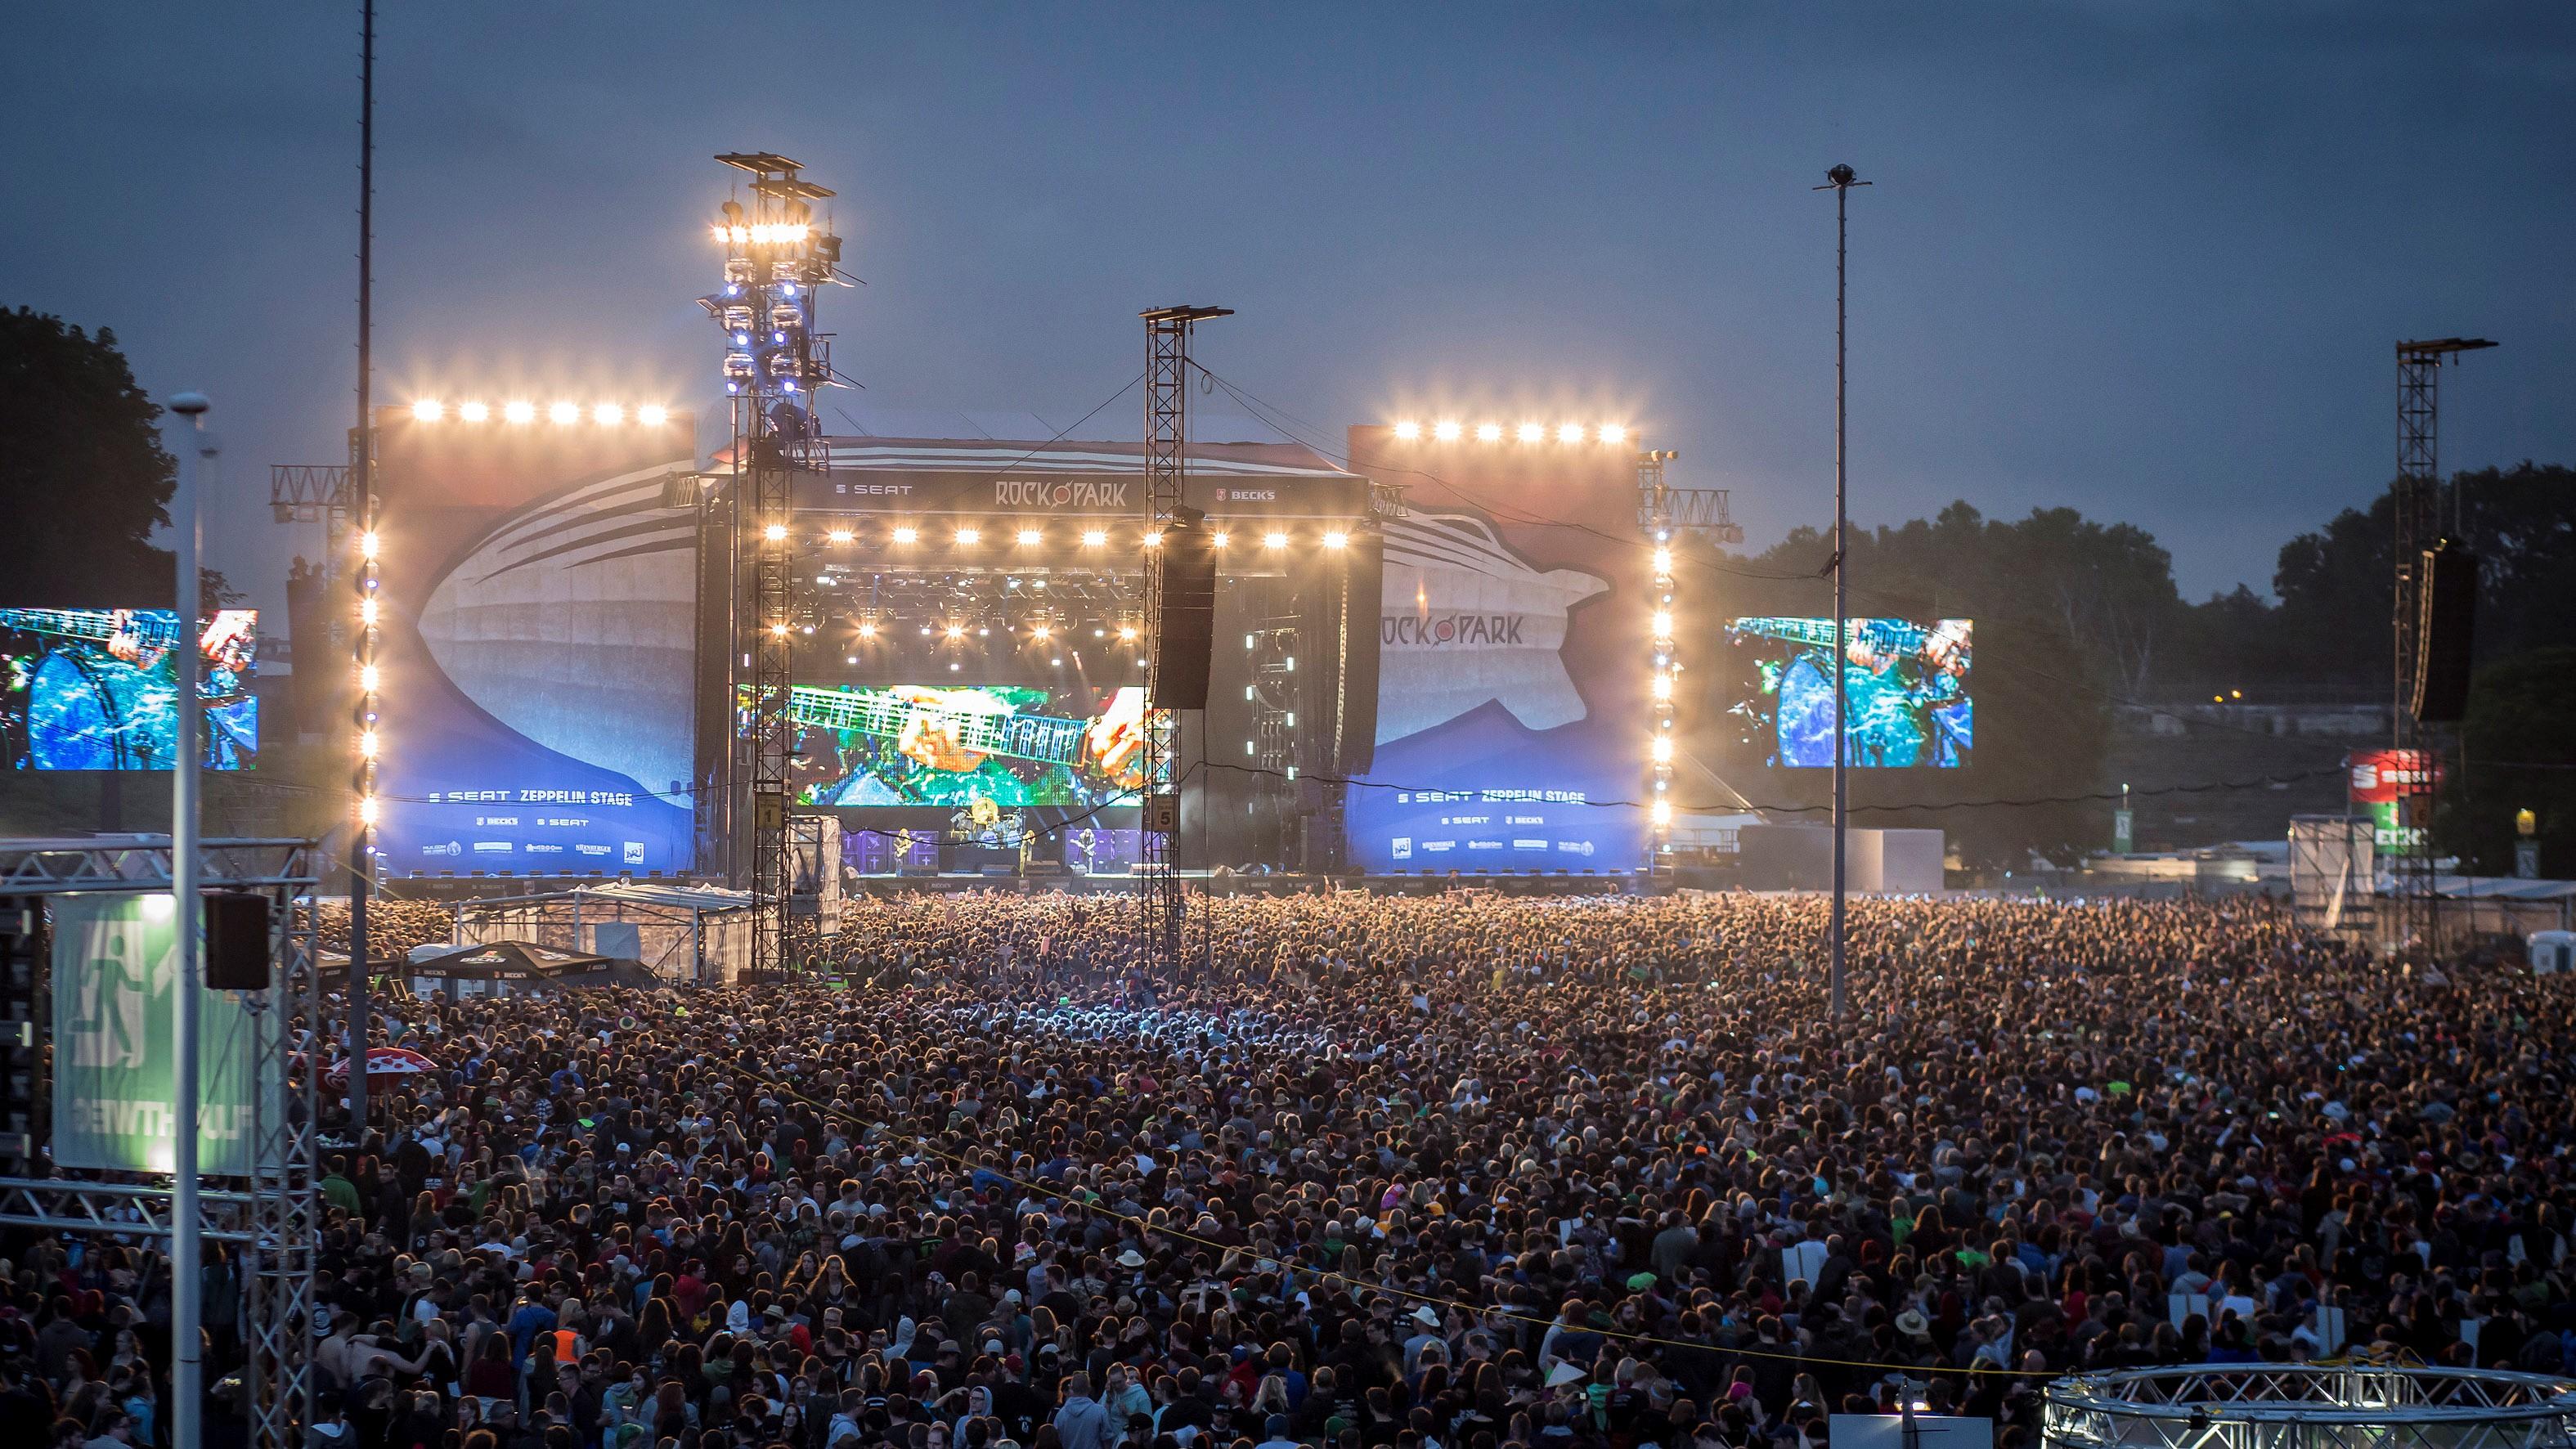 Rock im Park 2017 is sold out! – musiXphoto.com